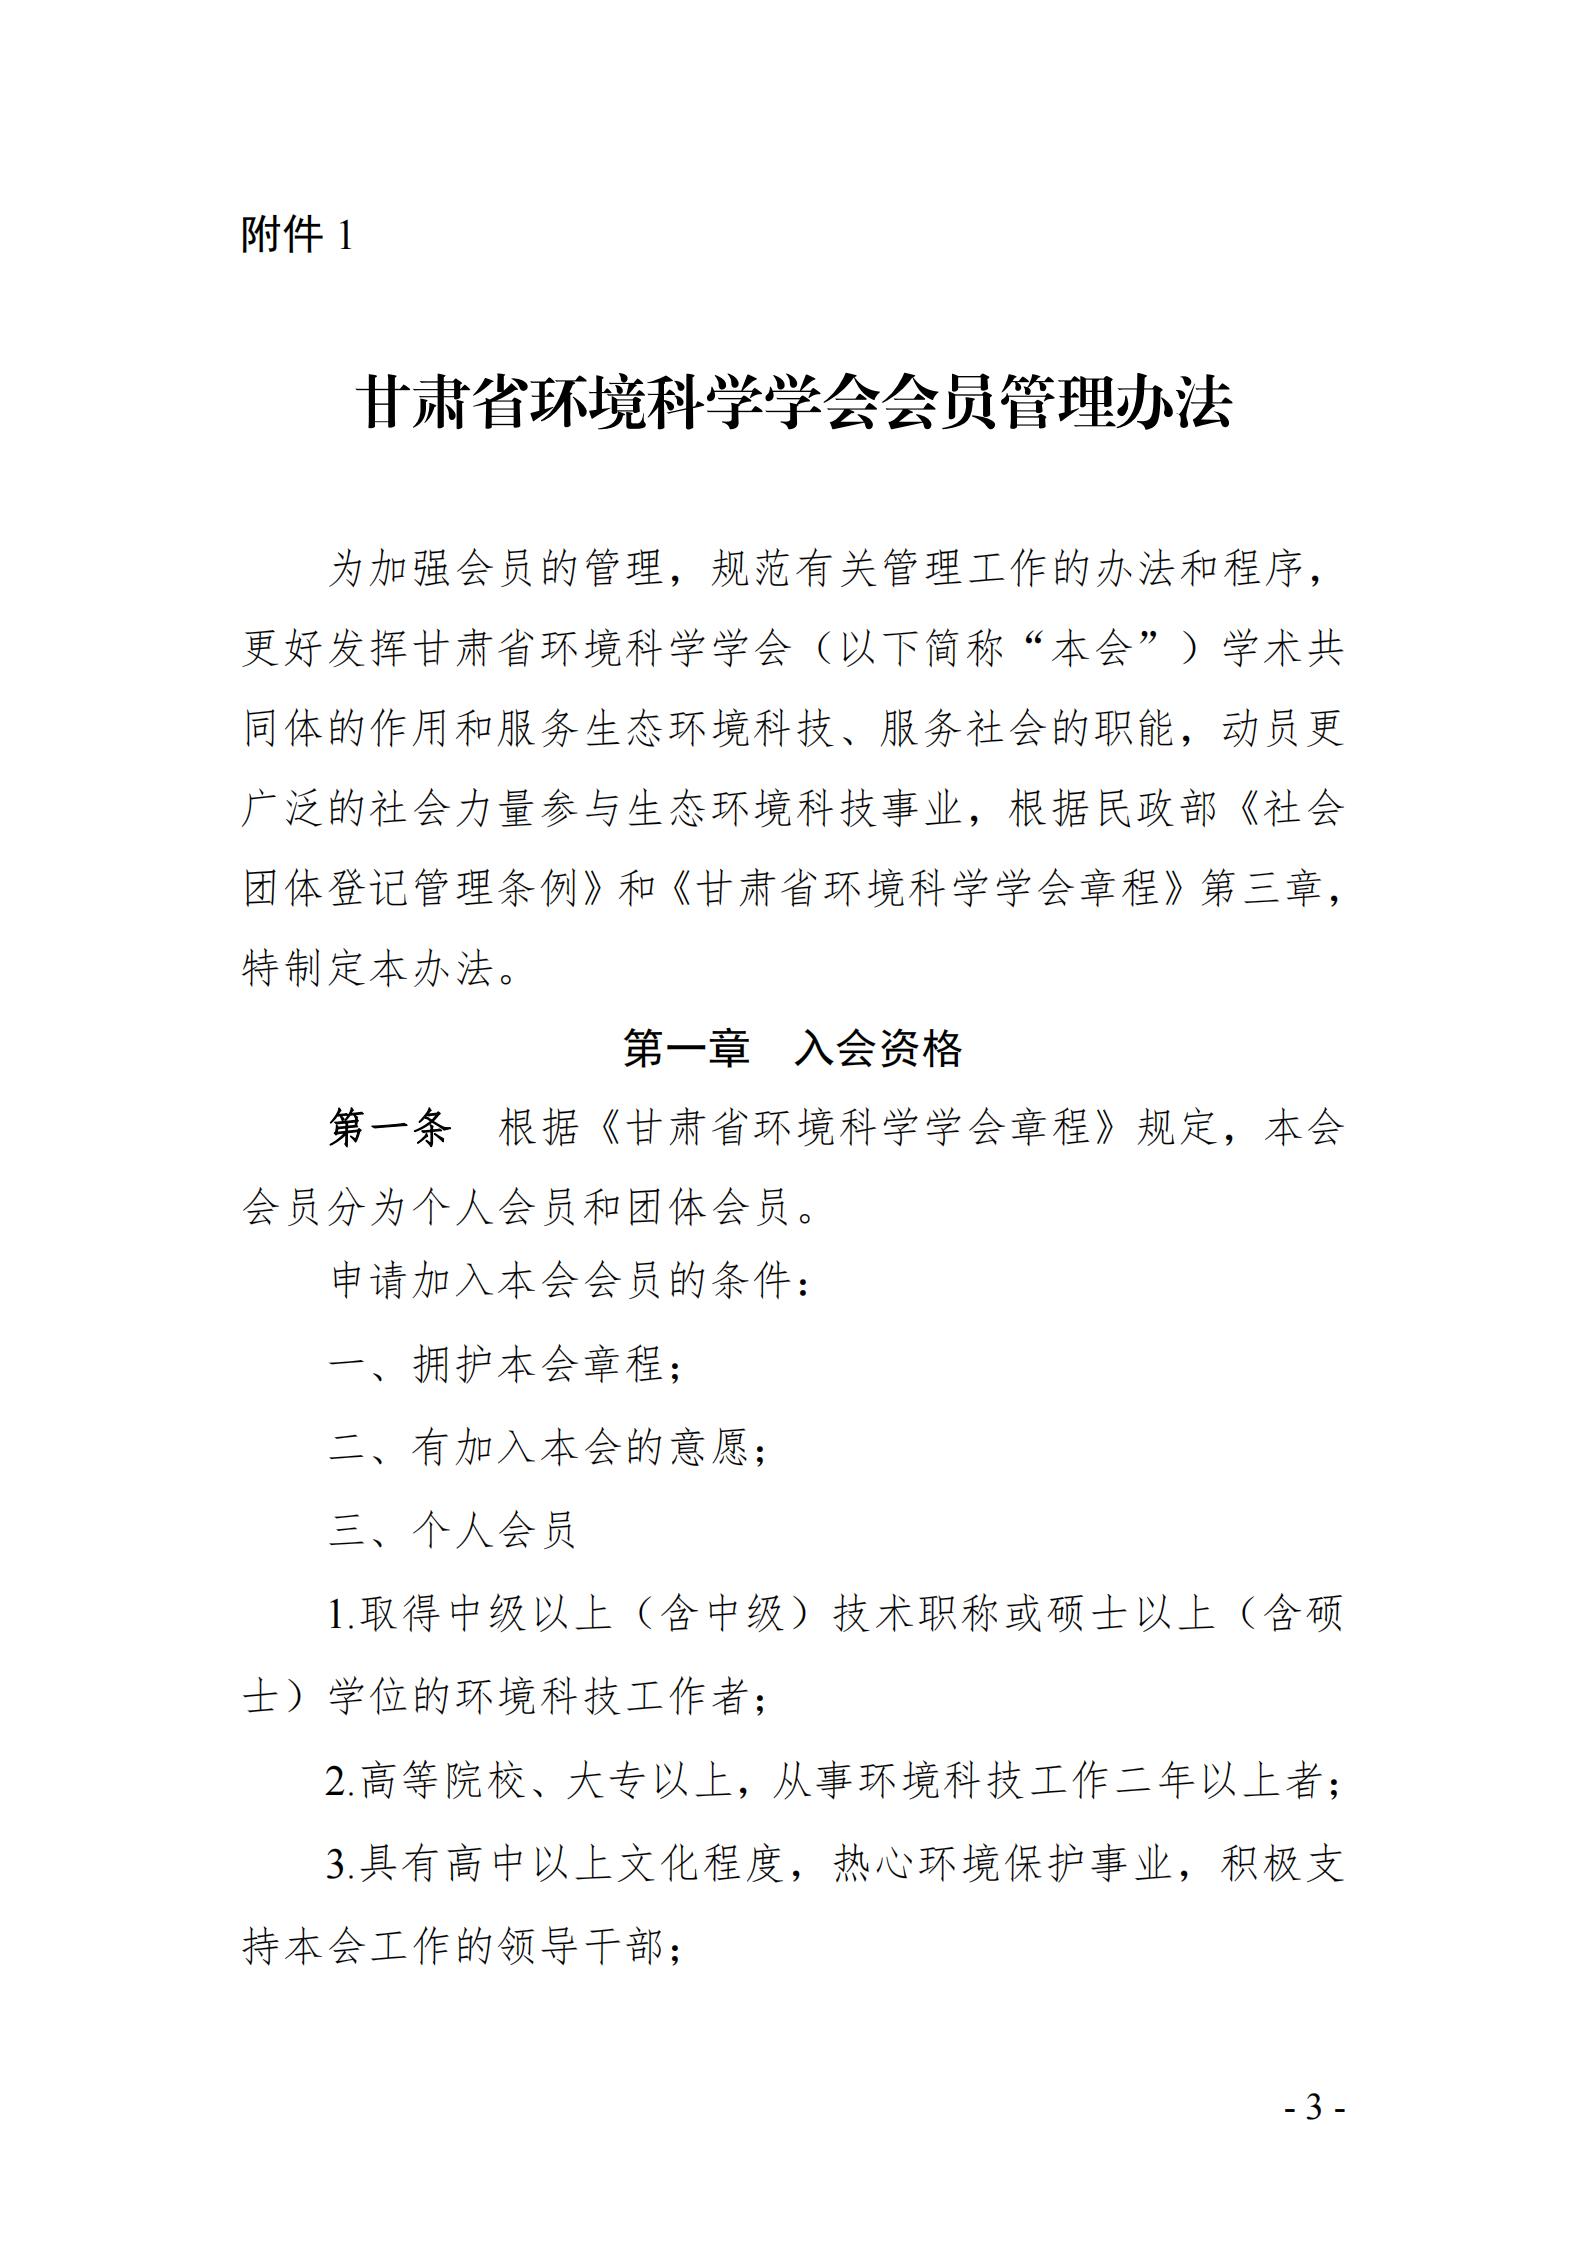 甘环学发【2021】3号 关于缴纳2021年甘肃省环境科学学会团体会员会费的通知_02.png